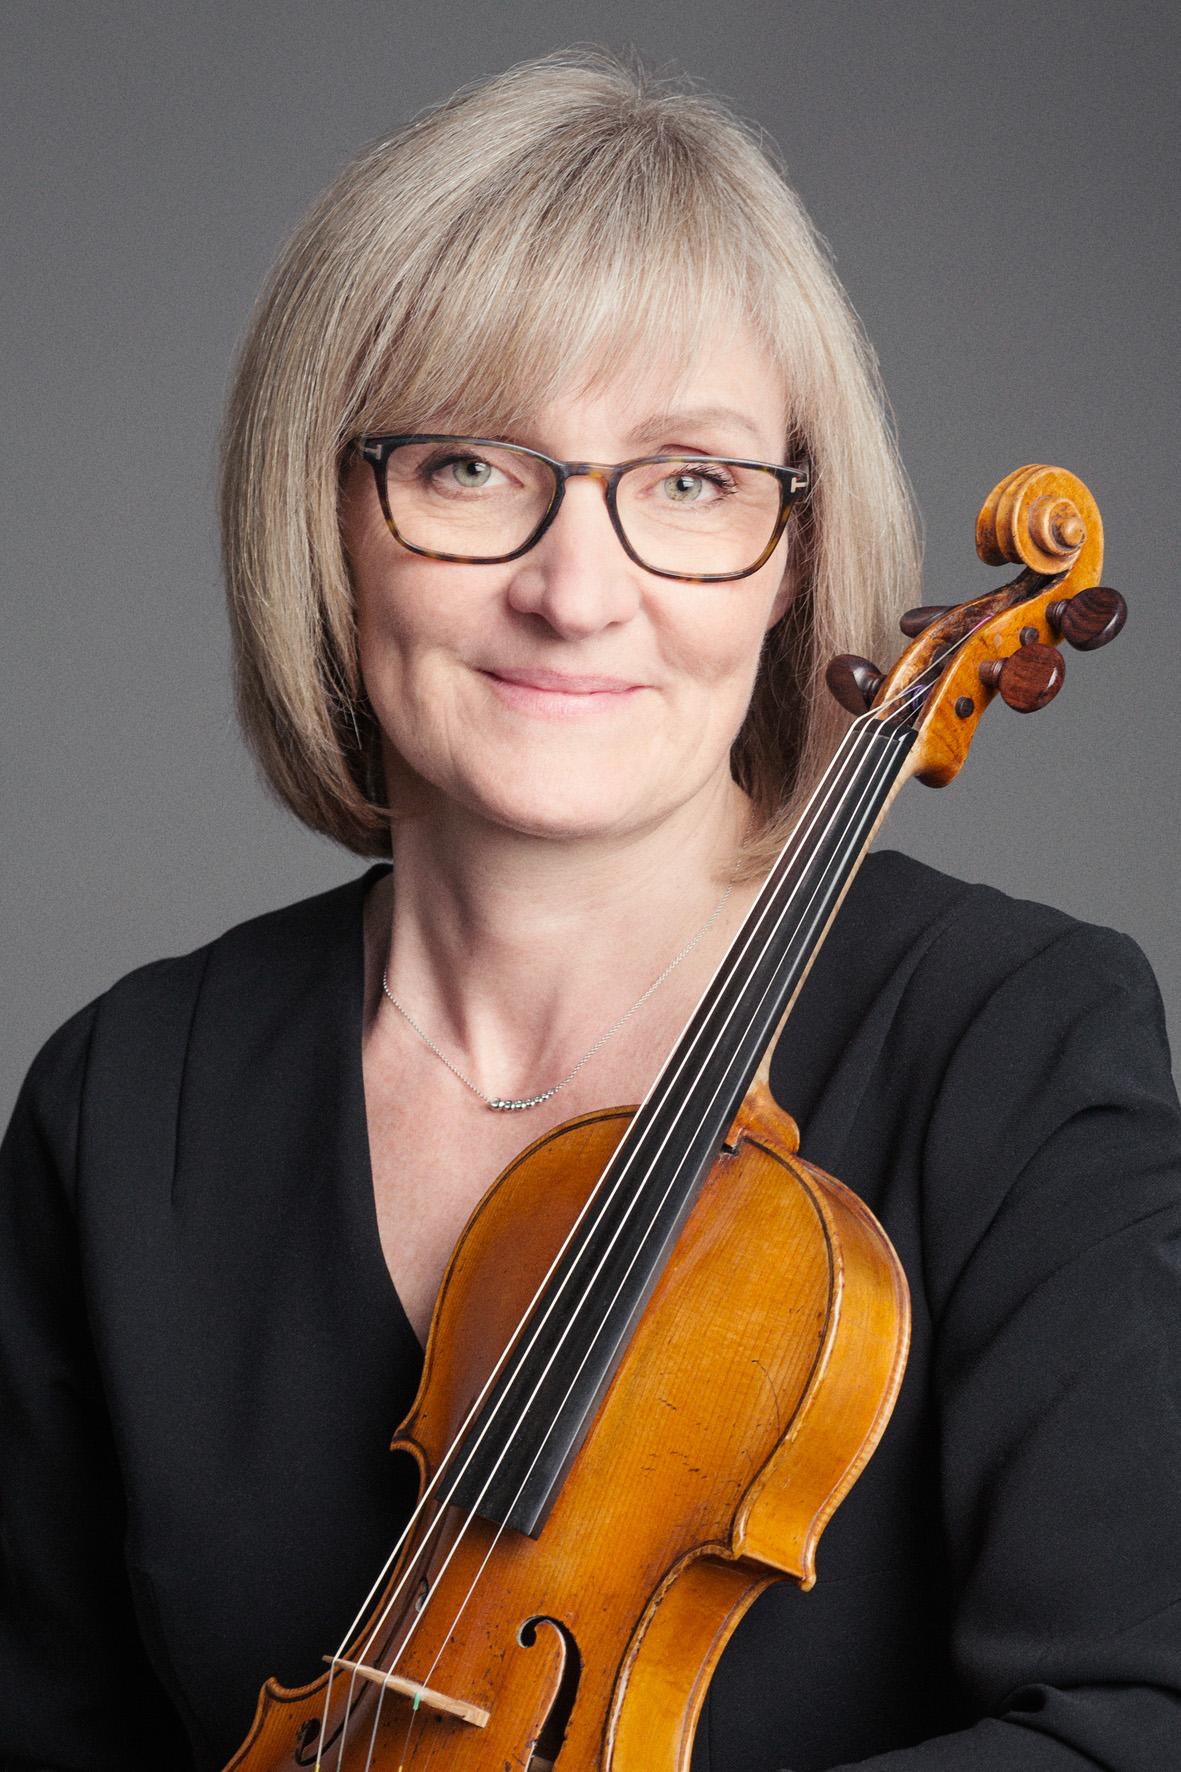 Violinist Karen Humle